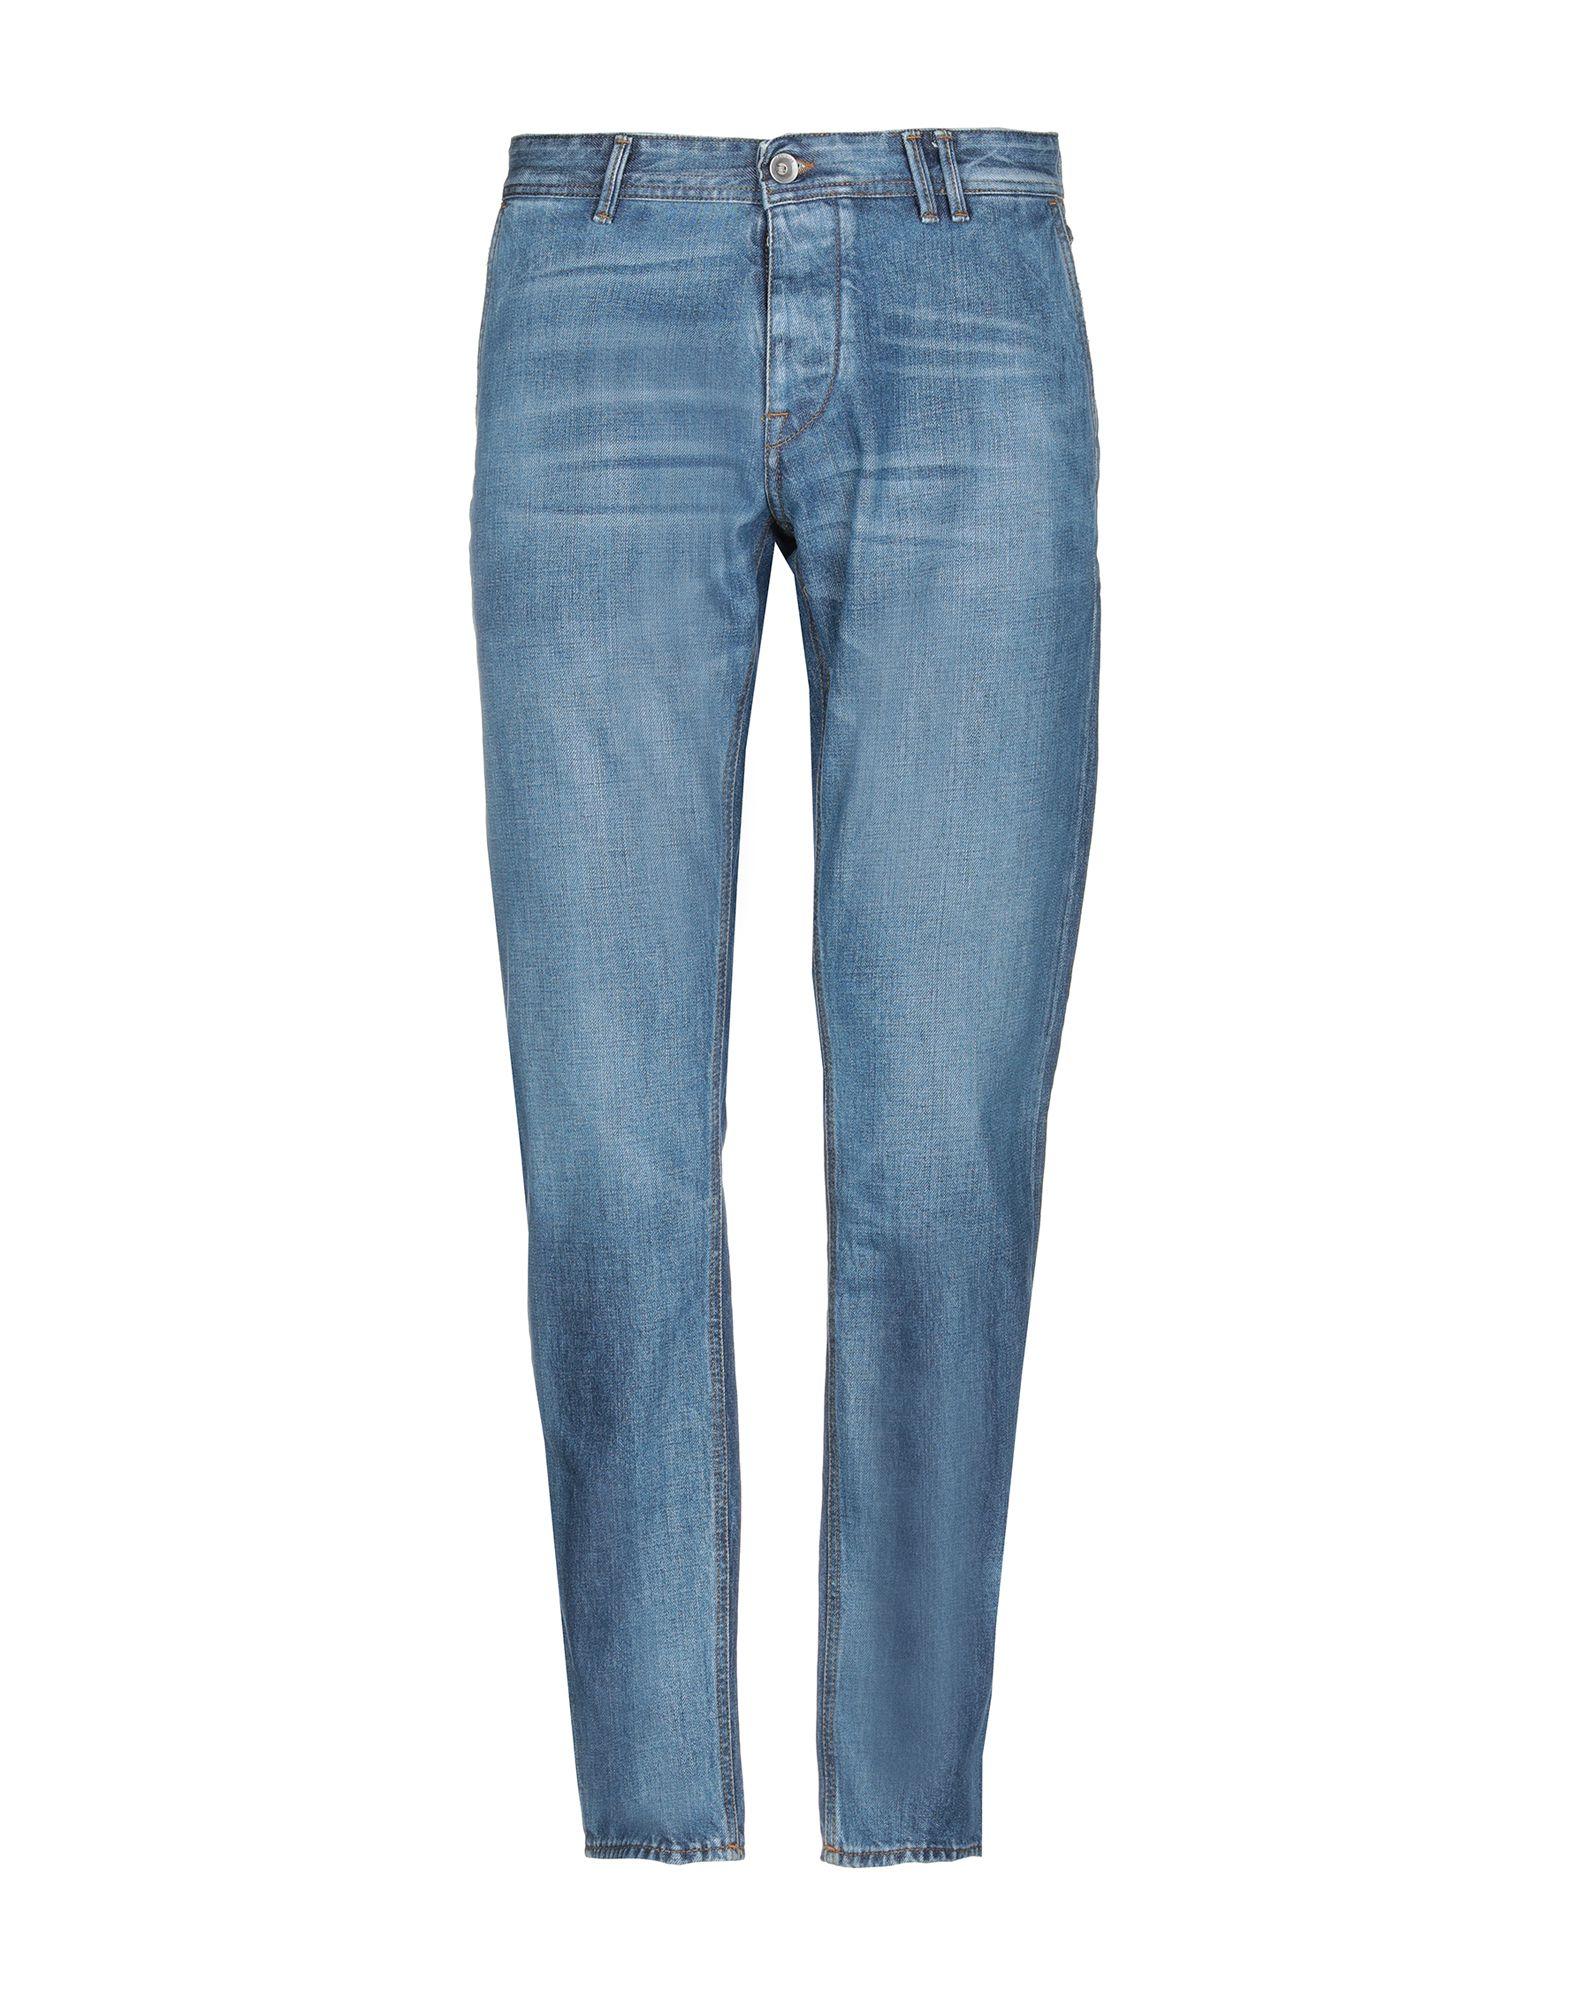 《送料無料》HAIKURE メンズ ジーンズ ブルー 29W-32L オーガニックコットン 100%